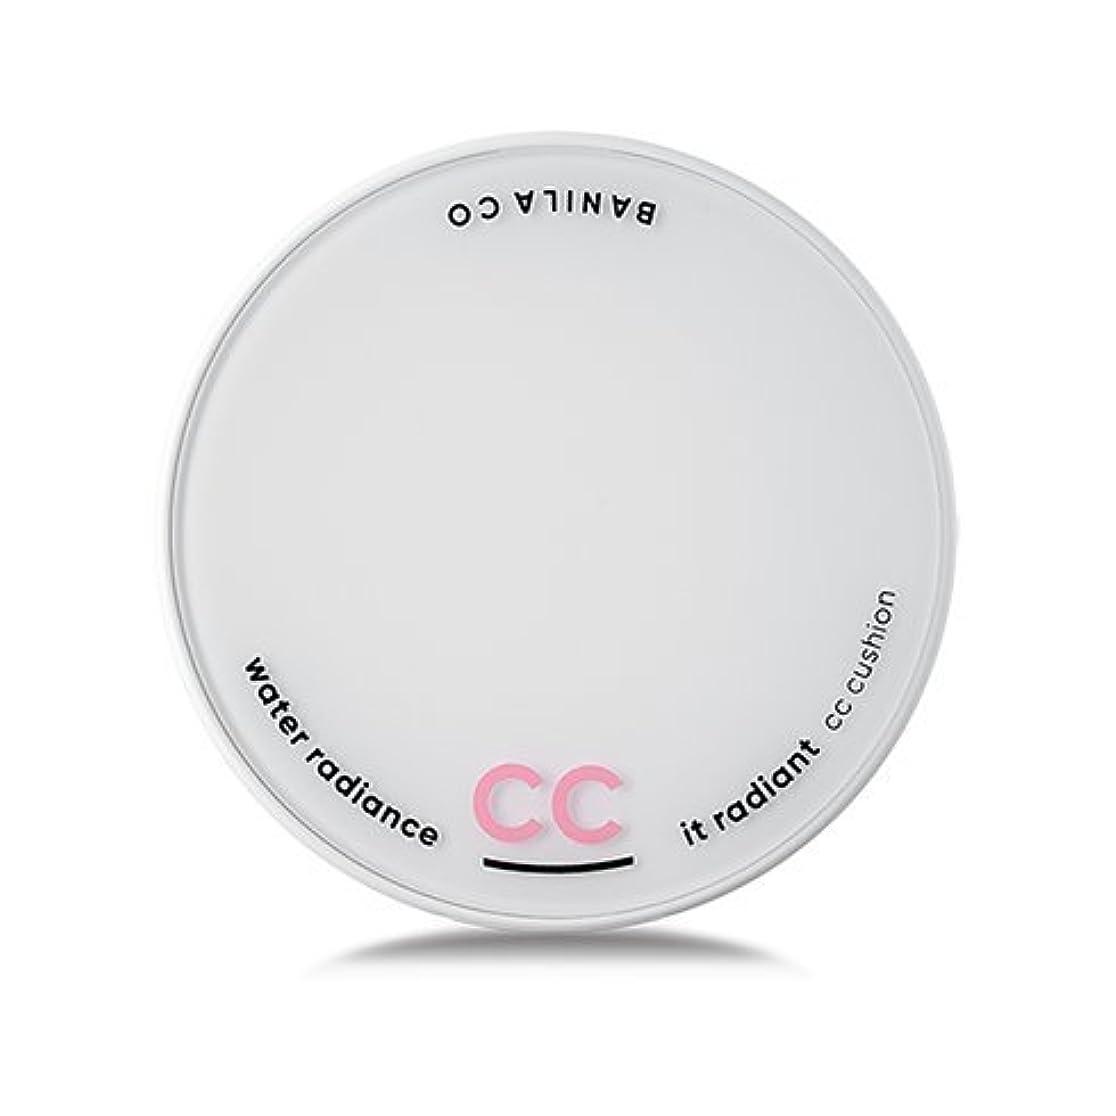 キーかけがえのないながら[Renewal] BANILA CO It Radiant CC Cushion 15g + Refill 15g/バニラコ イット ラディアント CC クッション 15g + リフィル 15g (#Natural Beige...